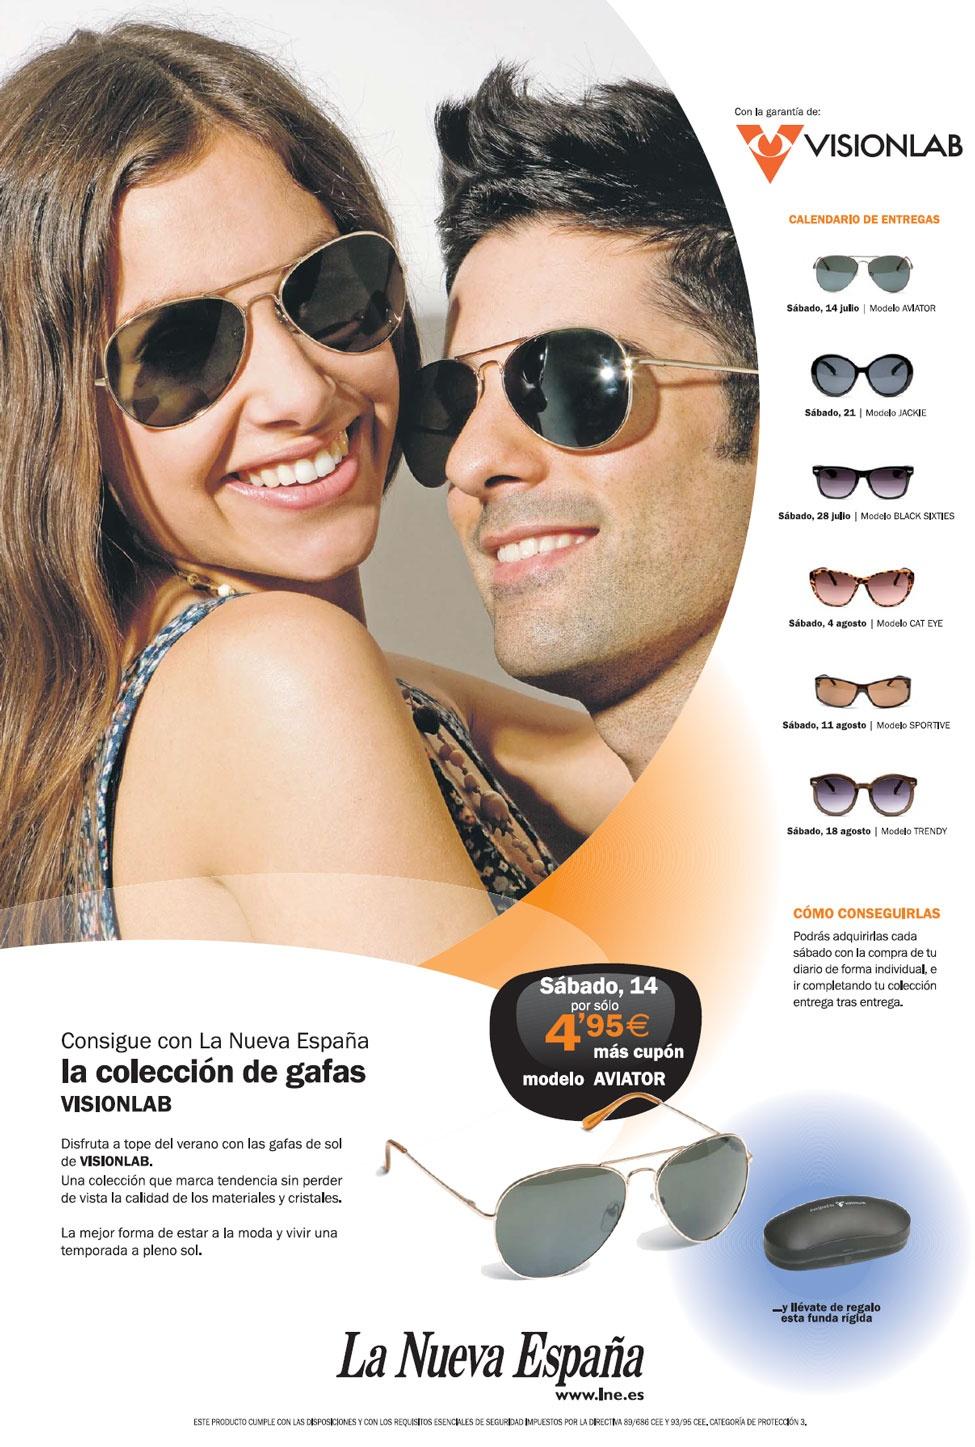 La colección de gafas Visionlab - Promociones La Nueva ...